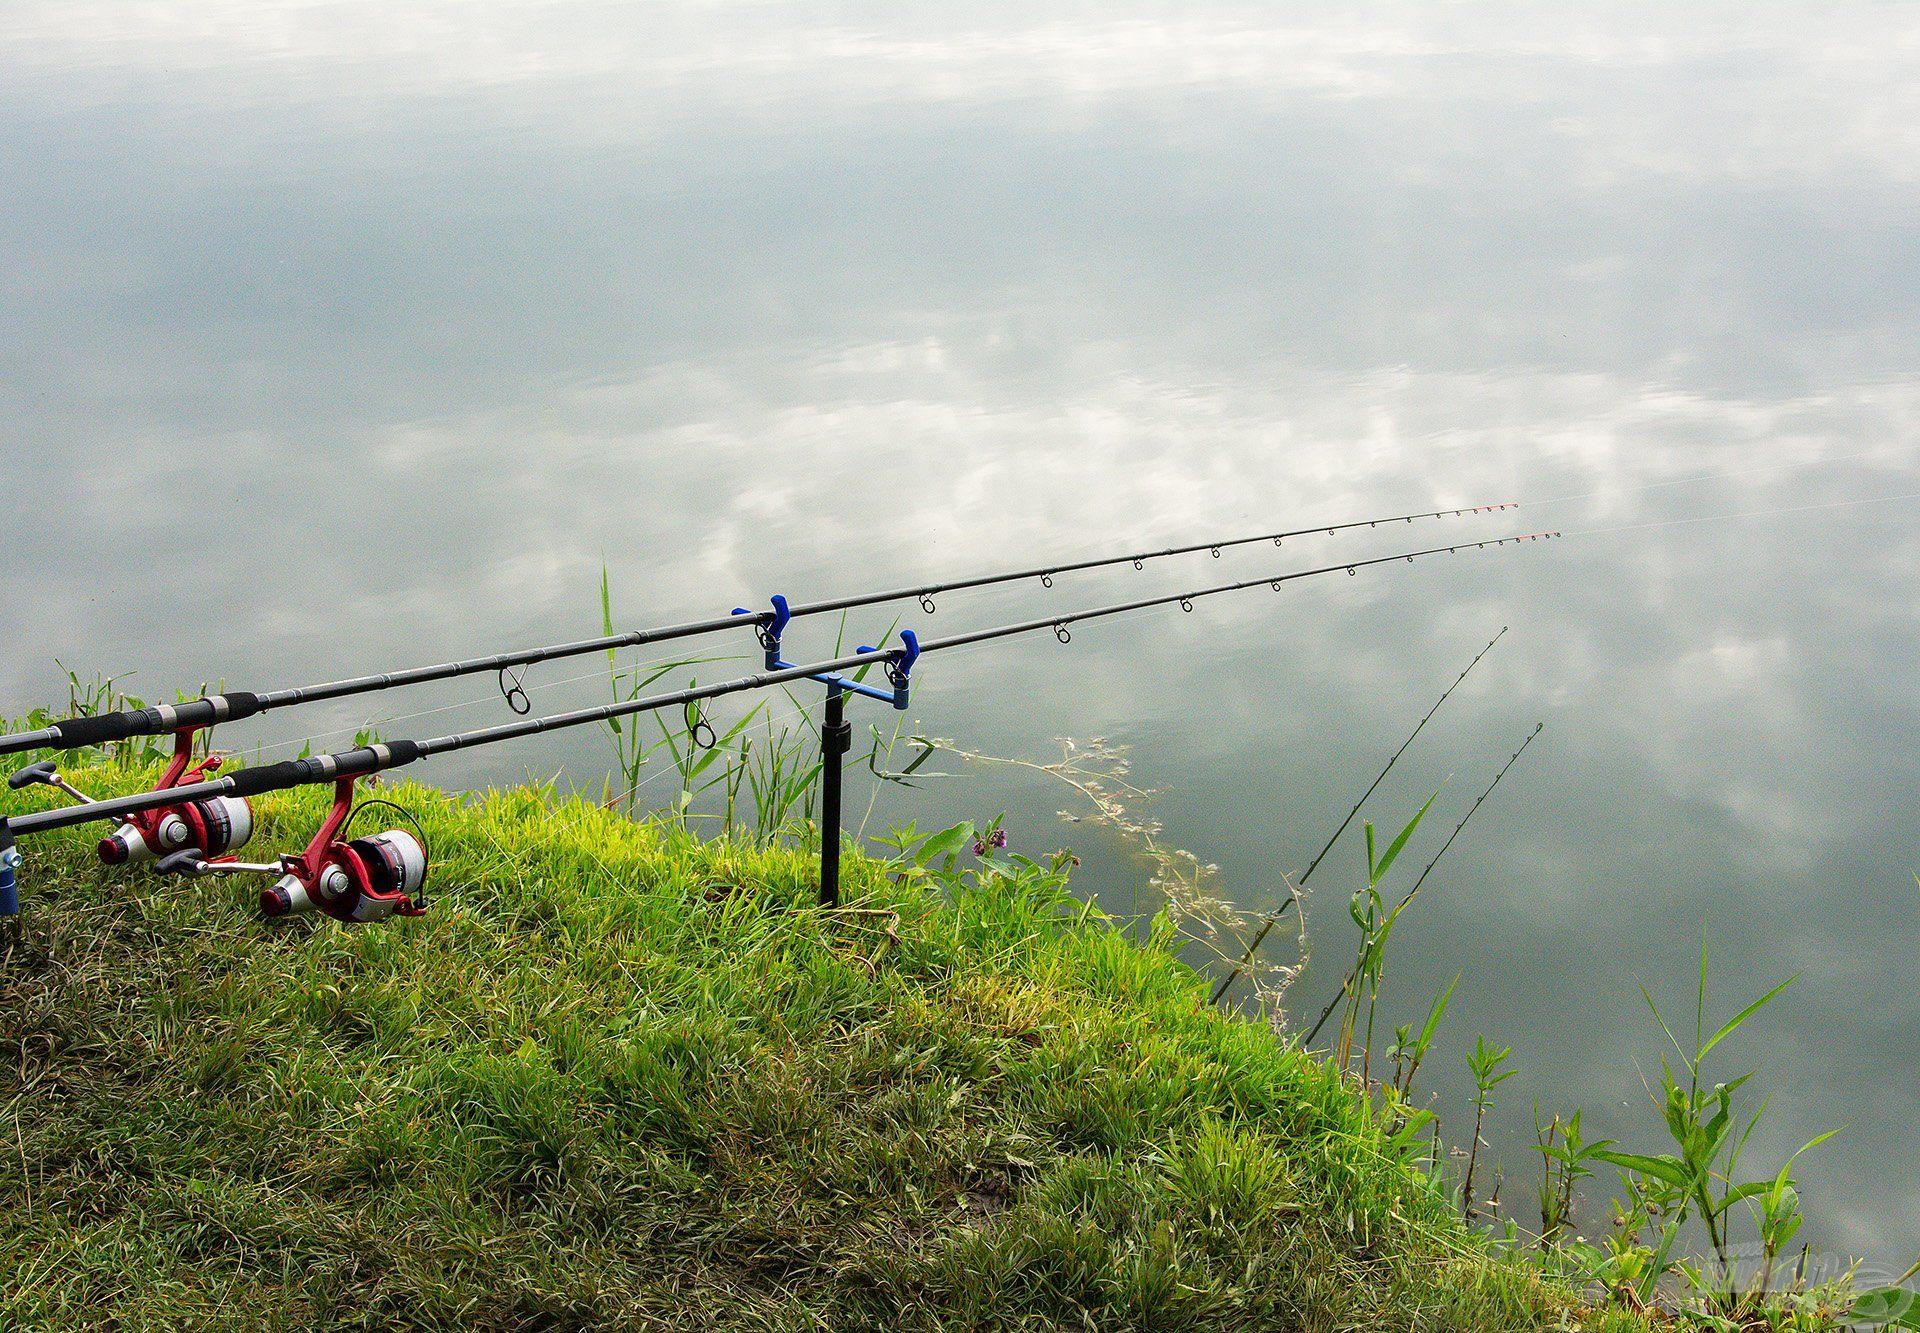 Hamar a helyükre kerültek a feederbotok, mi pedig izgatottan vártuk, mit tartogat számunkra a tó?!